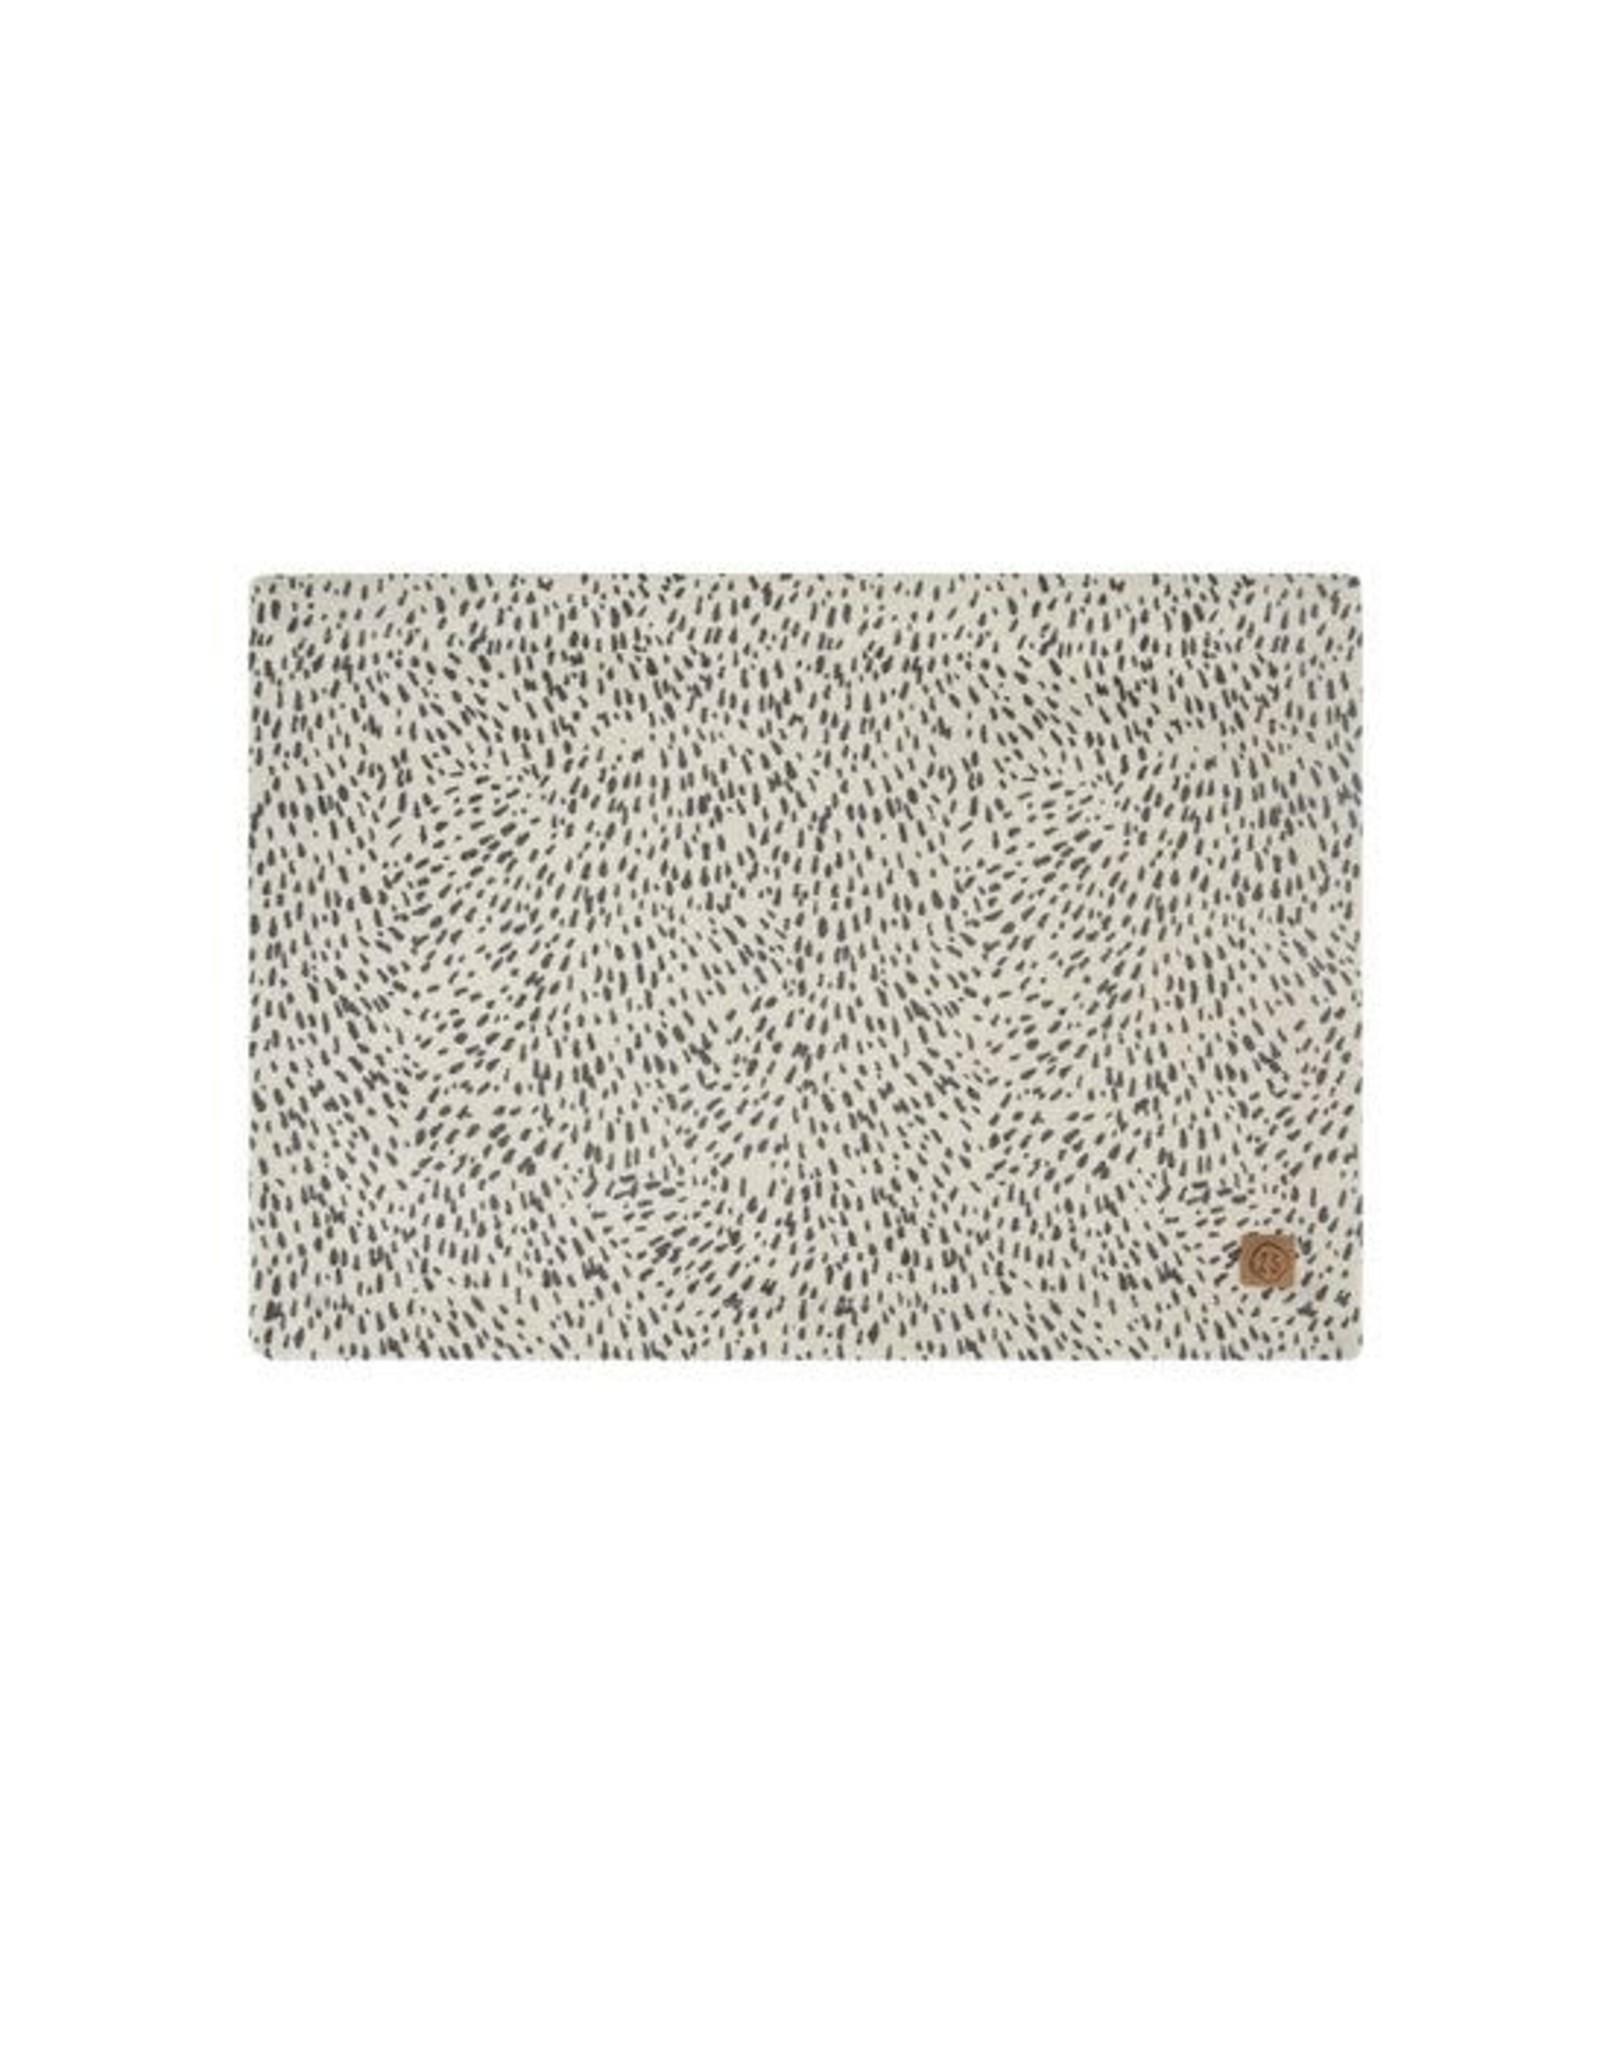 Zusss Zusss placemat spikkels zand